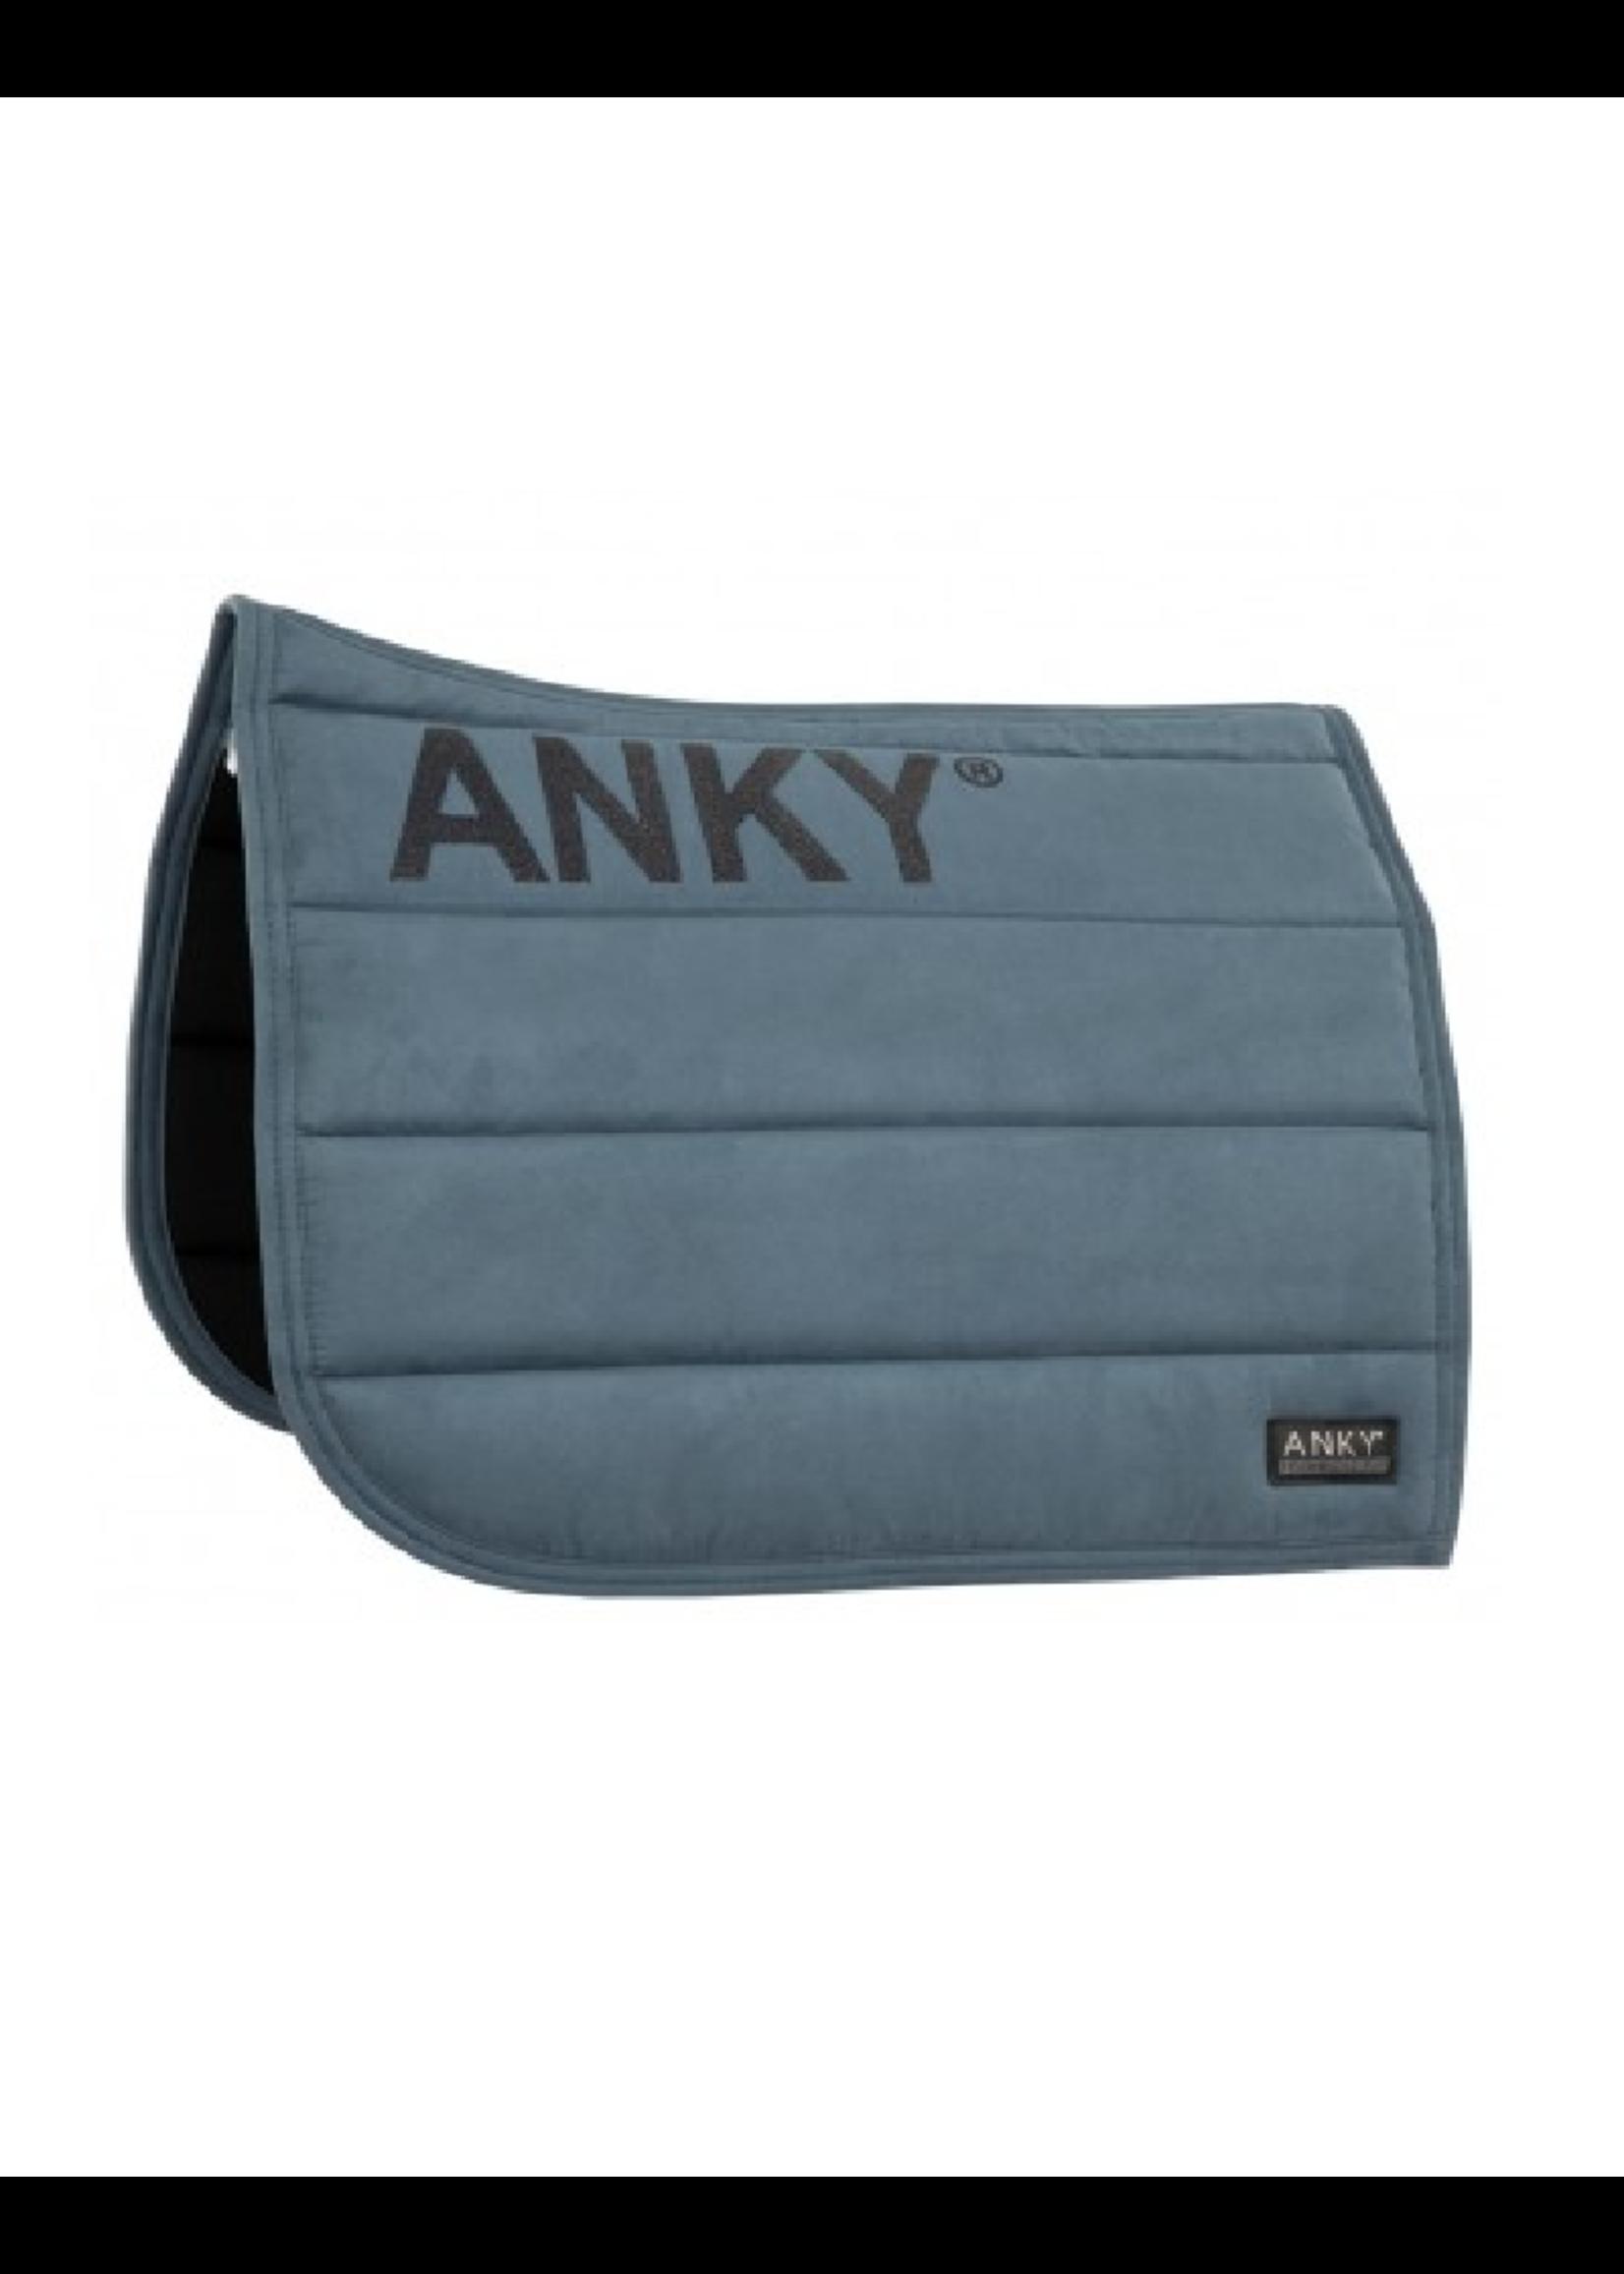 Anky ANKY® pad dressuur